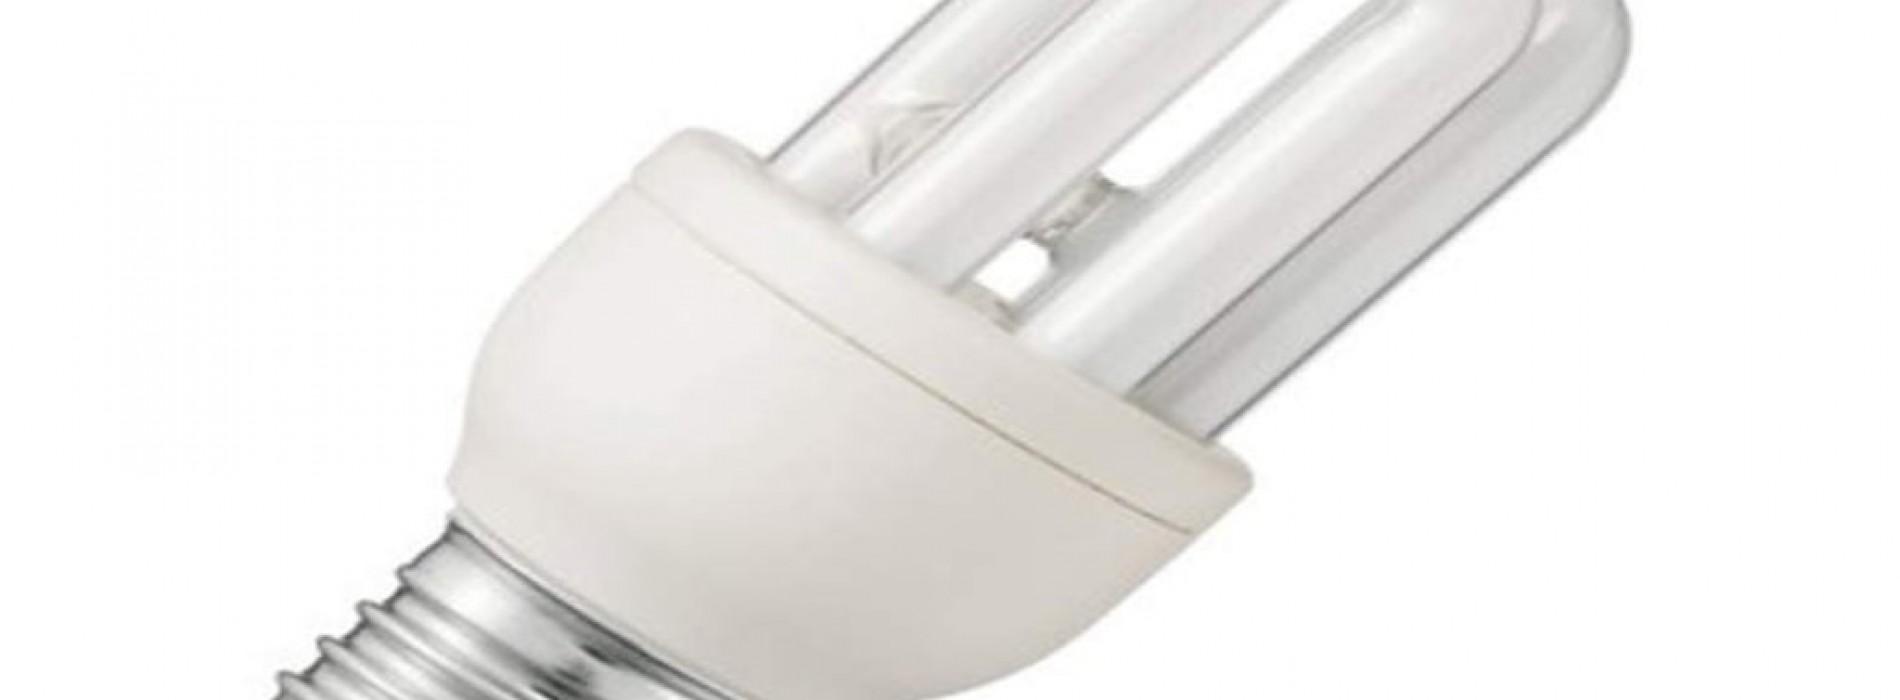 Bescherm jezelf en je gezin tegen deze lampen, want ze veroorzaken MIGRAINE en KANKER!